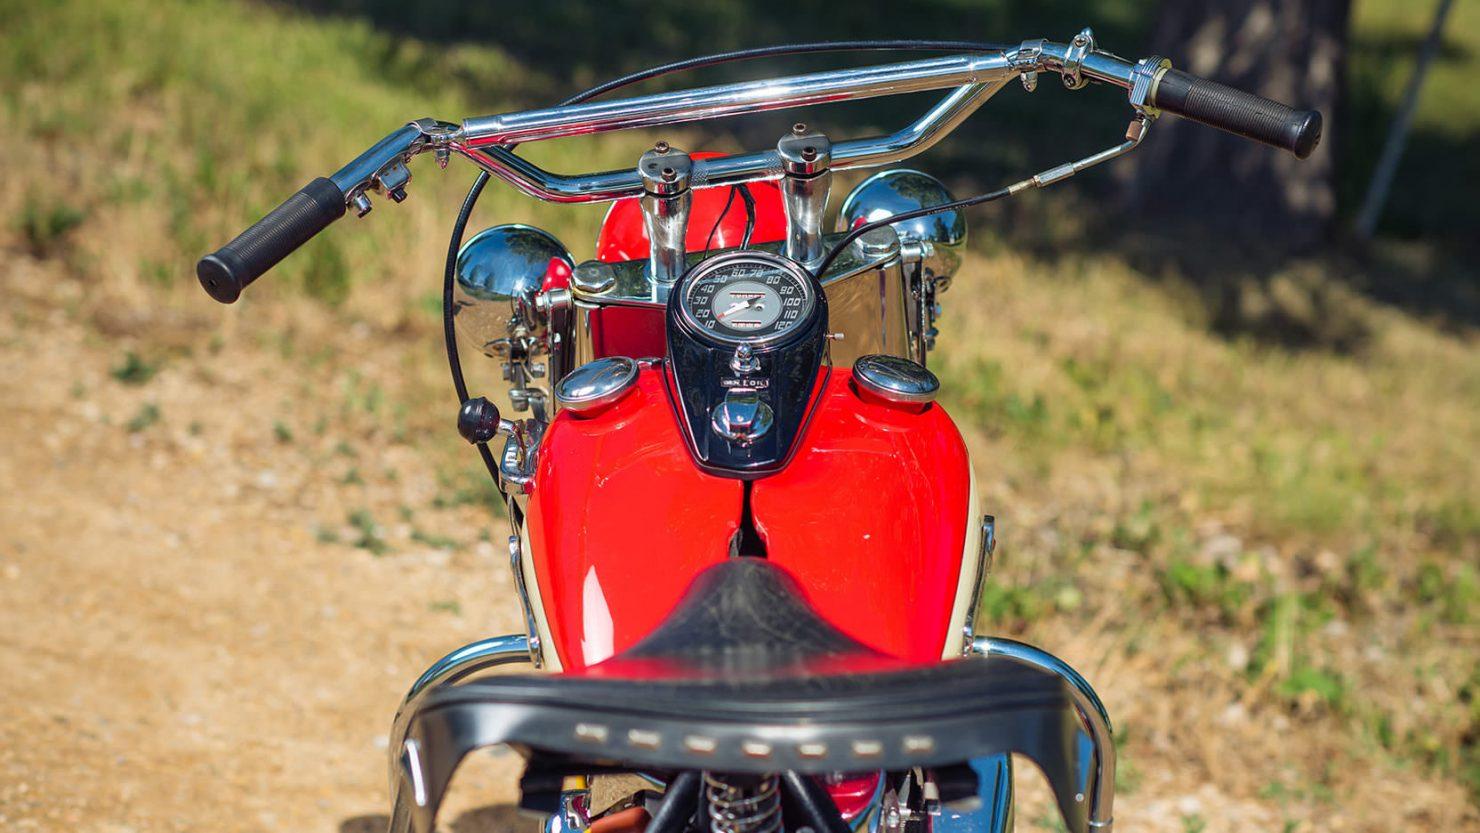 Harley Davidson FL Panhead 7 1480x833 - 1949 Harley-Davidson FL Panhead